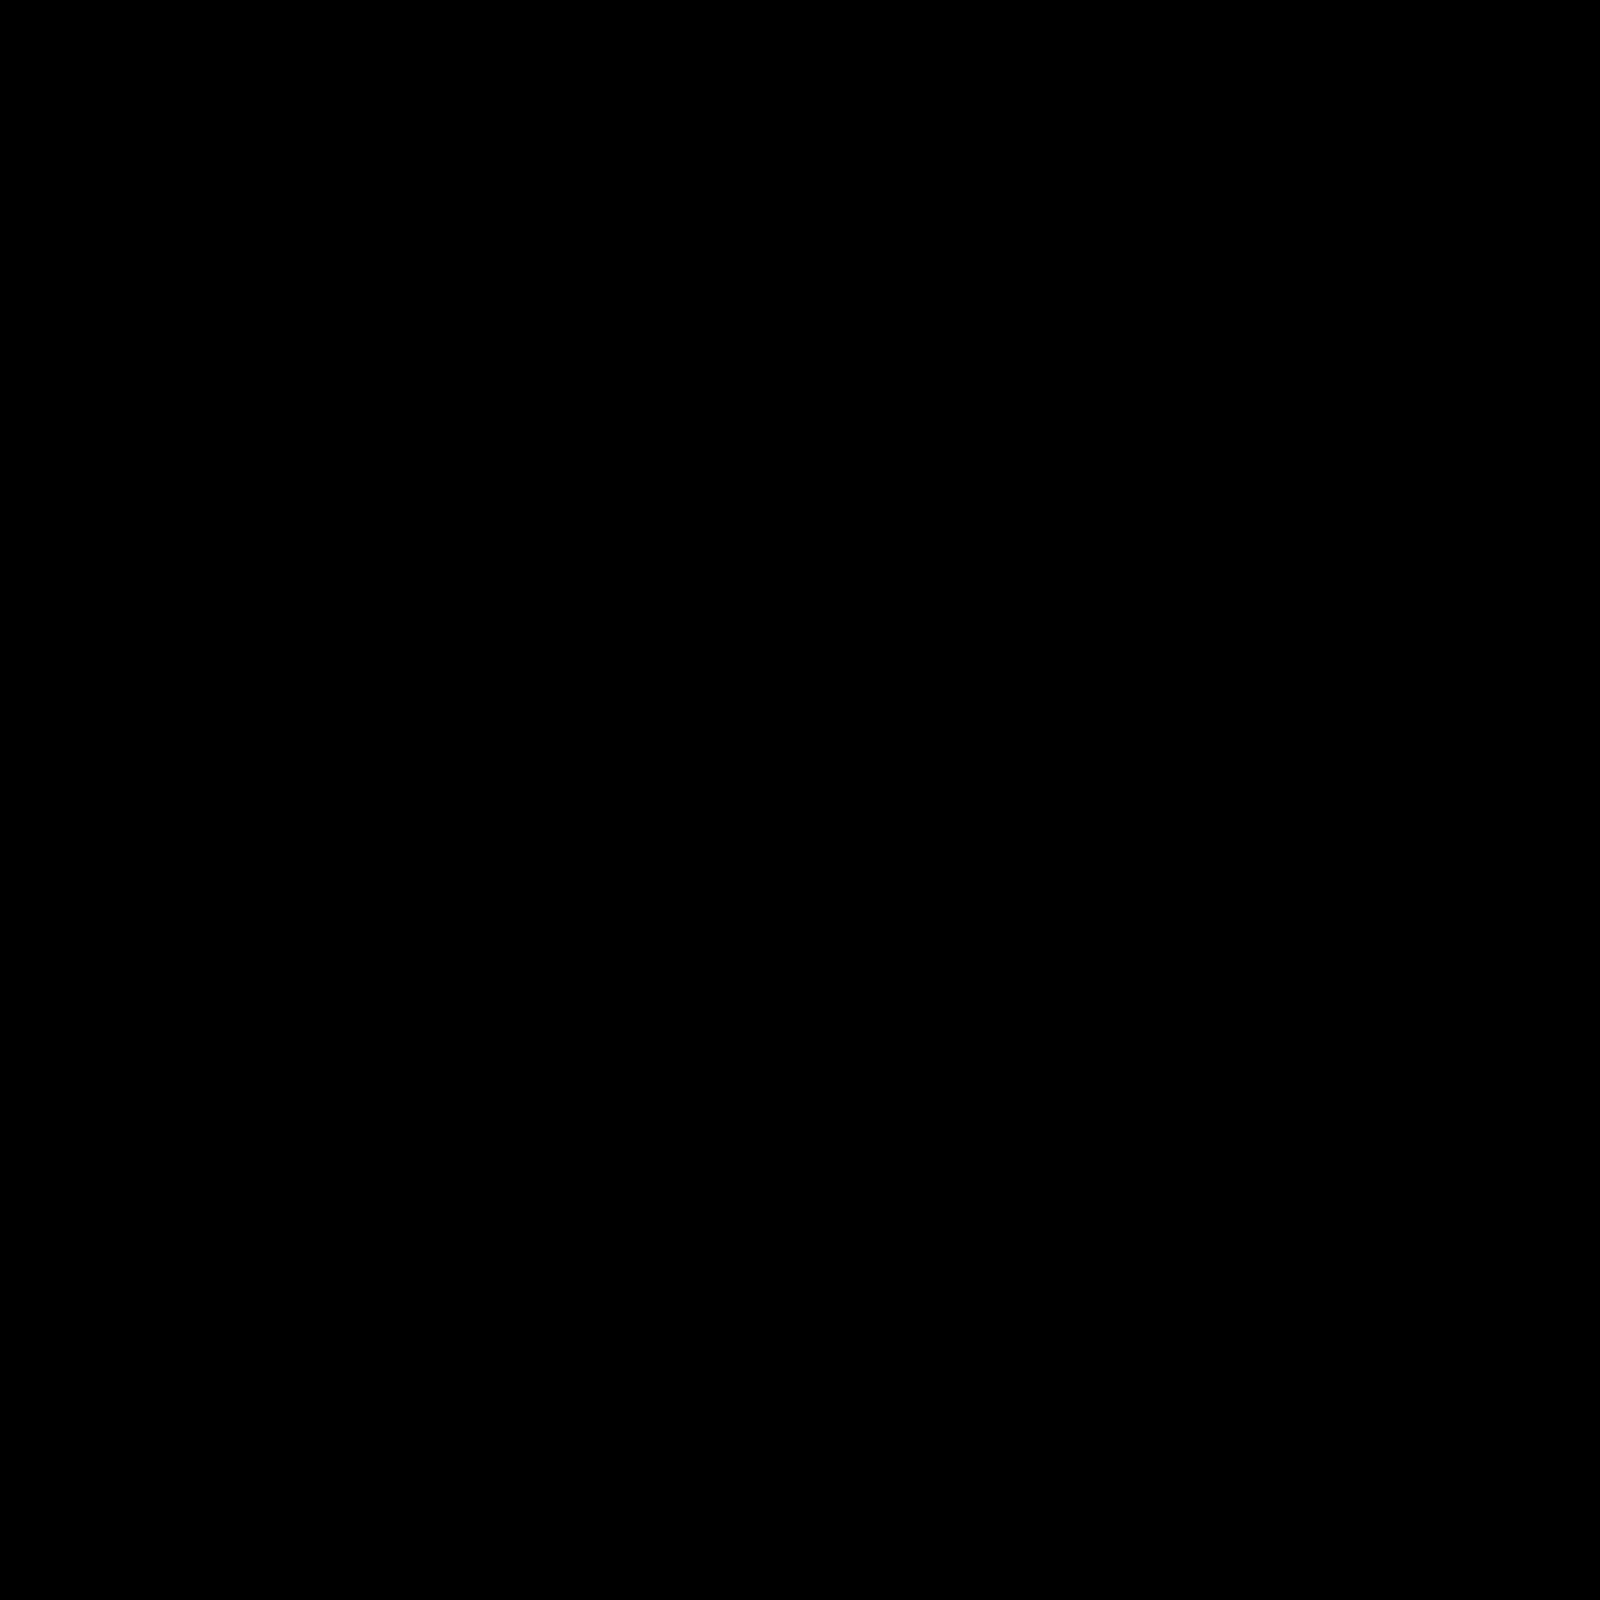 オブジェクトのグループ解除 icon